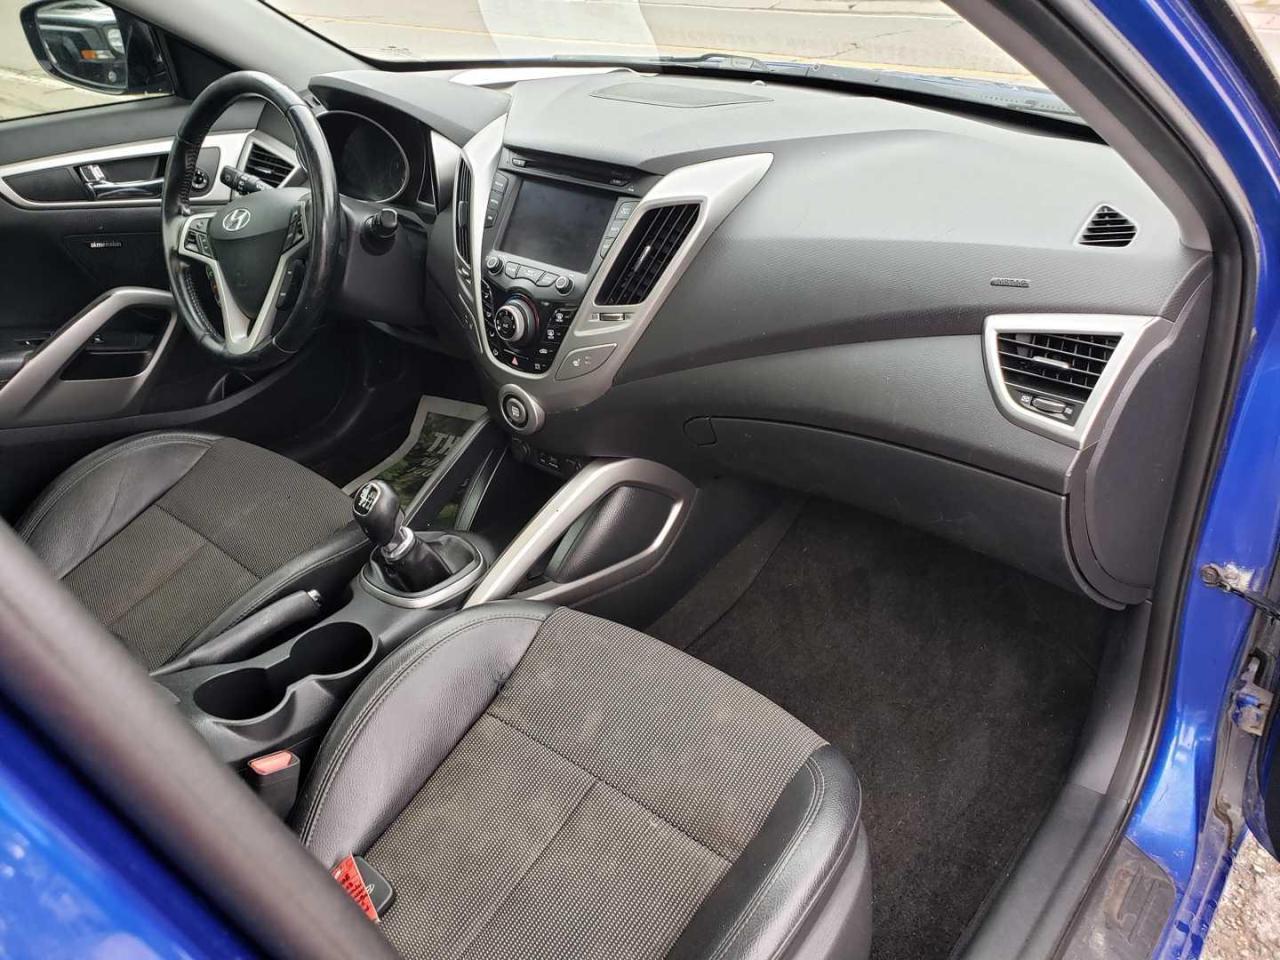 2013 Hyundai Veloster